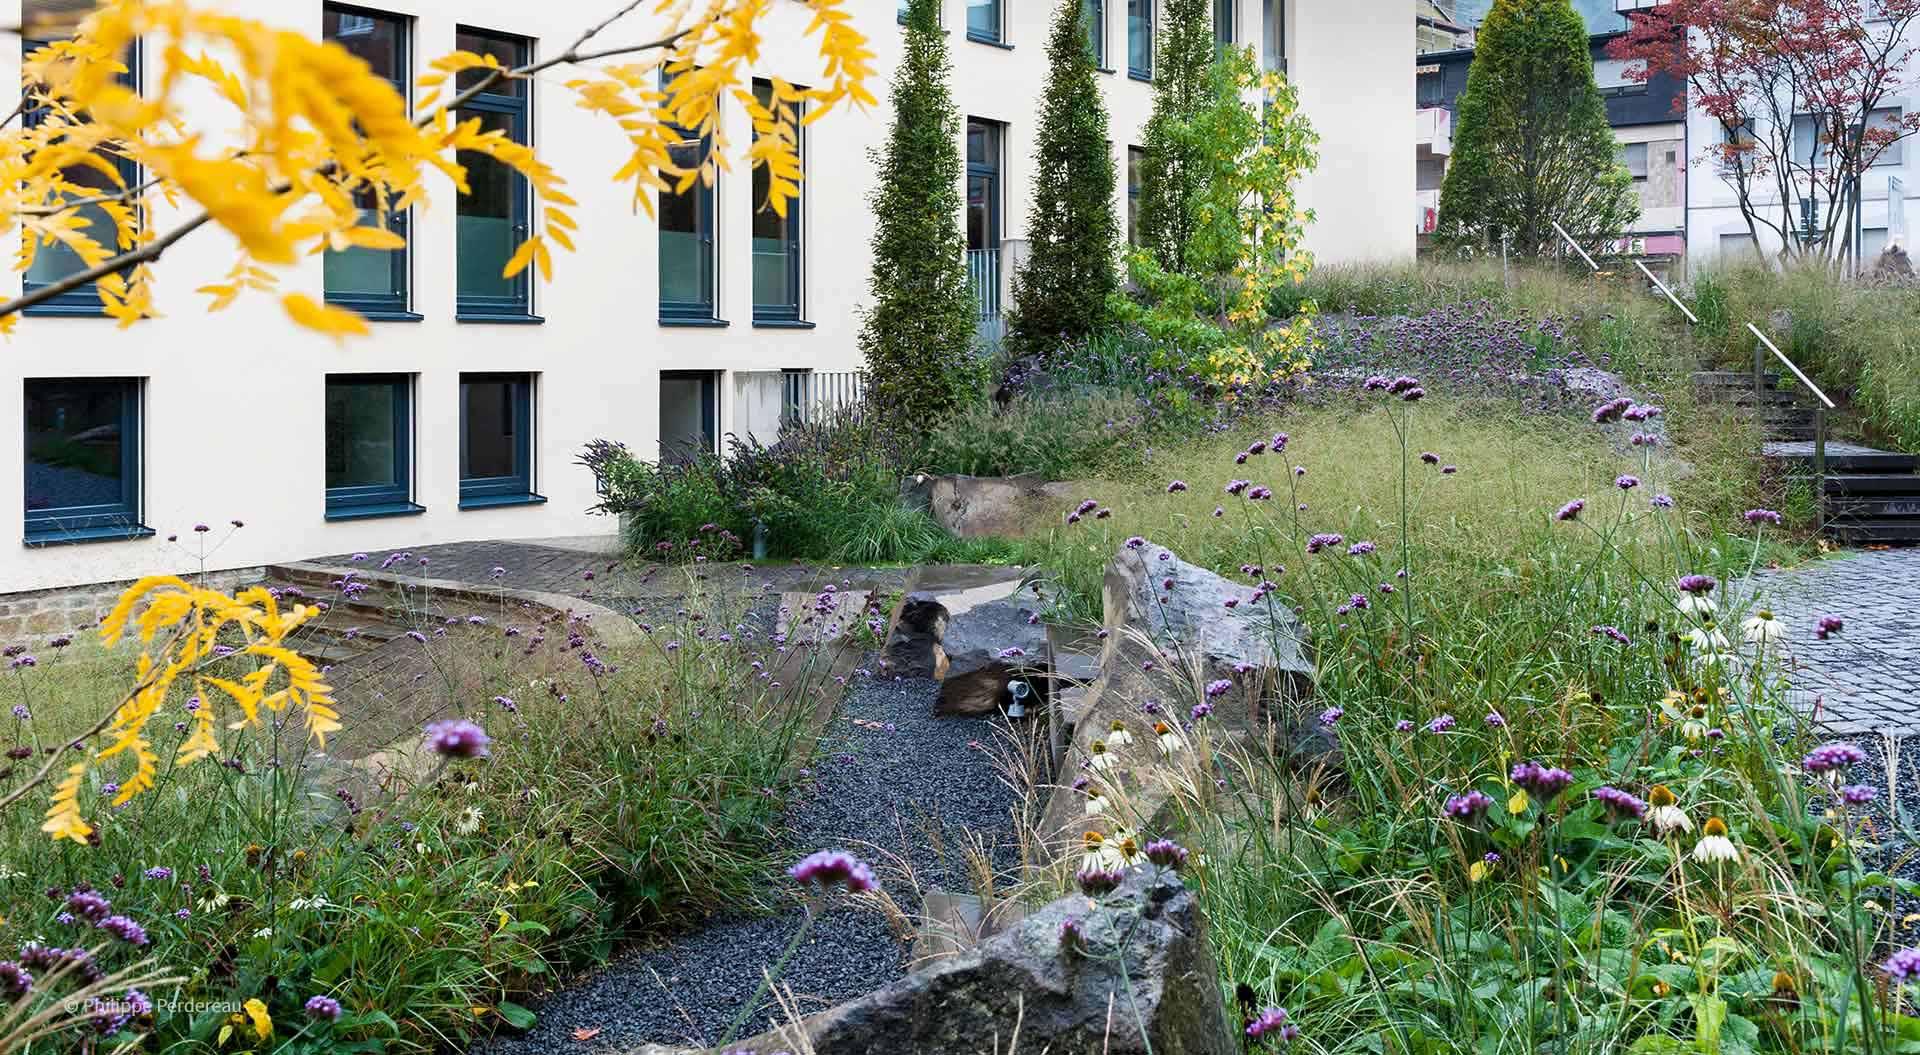 Kiesweg und Treppe im Garten vor Sparkassengebäude